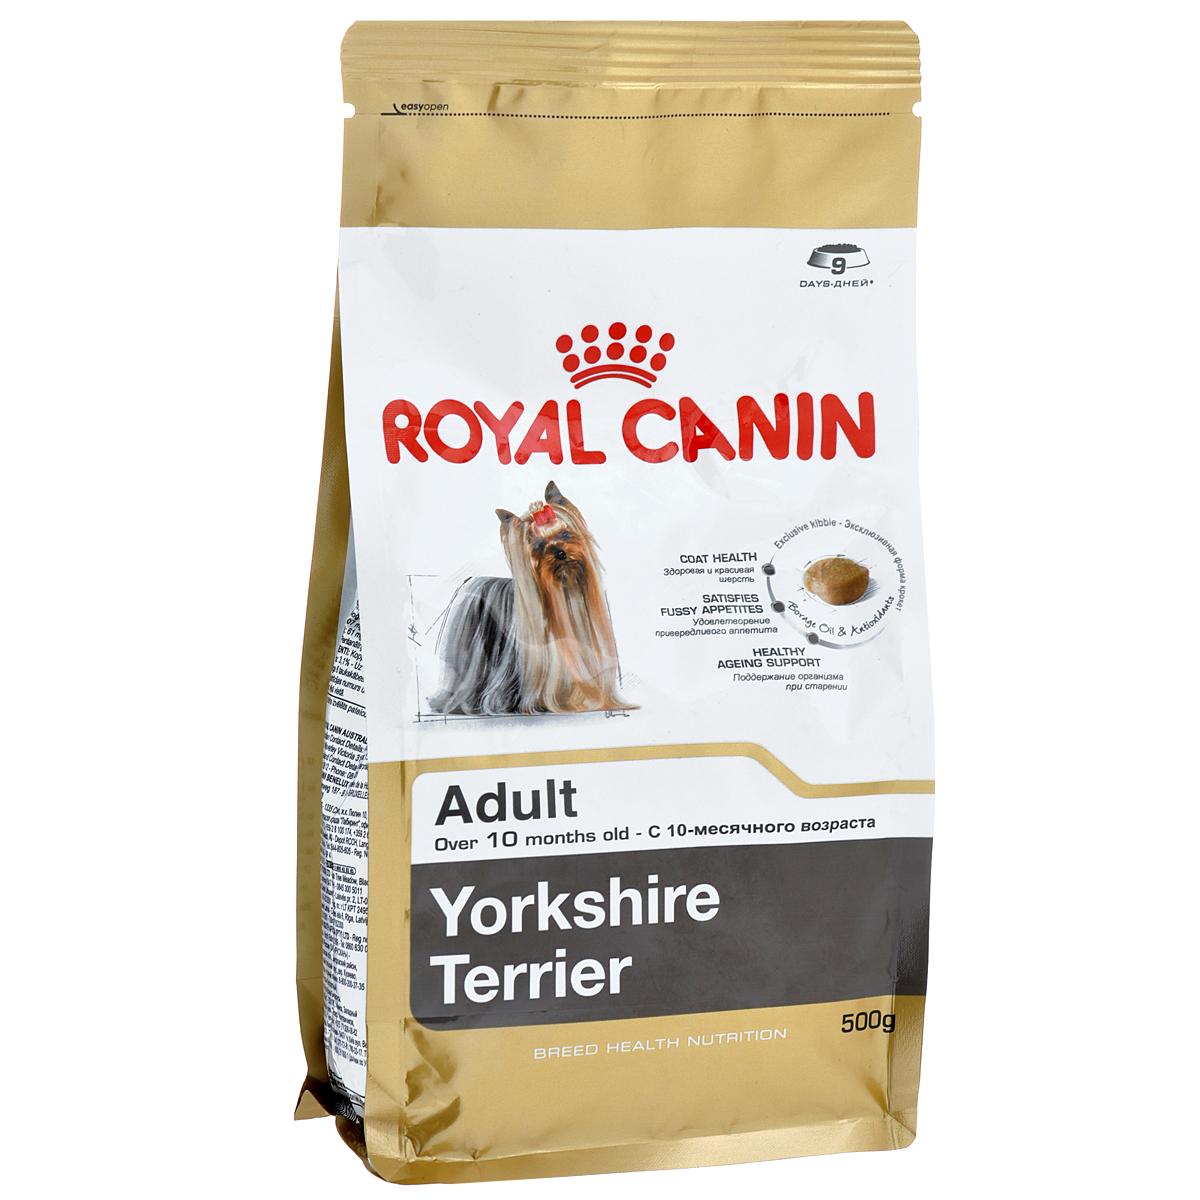 Корм сухой Royal Canin Yorkshire Terrier Adult, для собак породы йоркширский терьер в возрасте от 10 месяцев, 500 г0120710Корм сухой Royal Canin Yorkshire Terrier Adult - полнорационный корм для собак породы йоркширский терьер в возрасте от 10 месяцев.Йоркширский терьер — это сказочное создание, которое очаровывает с первой минуты знакомства с ним. Тоненькие, хрупкие и изящные йорки в силу своей физиологии нуждаются в максимальном поступлении в организм аминокислот, необходимых для развития шерсти и ее быстрого роста. Многие корма для йорков имеют крокеты слишком крупного размера, тогда как продукция Royal Canin Yorkshire Terrier Adult разработана специально для небольших челюстей этих собак. Здоровая шерсть.Эта эксклюзивная формула поддерживает здоровье и красоту шерсти йоркширского терьера. Корм обогащен жирными кислотами Омега-3 (EPA и DHA) и Омега-6, маслом бурачника и биотином. Вкусовая привлекательность.Благодаря высокой вкусовой привлекательности корм способен удовлетворить потребностидаже самых привередливых питомцев. Долголетие.Особый комплекс с питательными веществами помогает сохранить здоровье собаки в зрелом возрасте и способствует долголетию.Профилактика образования зубного камня.Благодаря хелаторам кальция и специально подобранной текстуре крокет, которая оказывает чистящее воздействие, корм помогает ограничить образование зубного камня. Состав: дегидратированные белки животного происхождения (птица), рис, кукурузная мука, животные жиры, изолят растительных белков, свекольный жом, гидролизат белков животного происхождения, минеральные вещества, соевое масло, рыбий жир, дрожжи, фруктоолигосахариды, гидролизат дрожжей (источник мaннановых олигосахаридов), масло огуречника аптечного (0,1 %), экстракт бархатцев прямостоячих (источник лютеина).Добавки (в 1 кг): йод — 5,2 мг,селен — 0,28 мг,медь — 15 мг,железо — 166 мг,марганец — 73 мг,цинк — 218 мг,витамин A — 31000 МЕ,витамин D3 — 800 МЕ,витамин E — 600 мг,витамин C — 300 мг,витамин B1 — 27 мг,витамин B2 